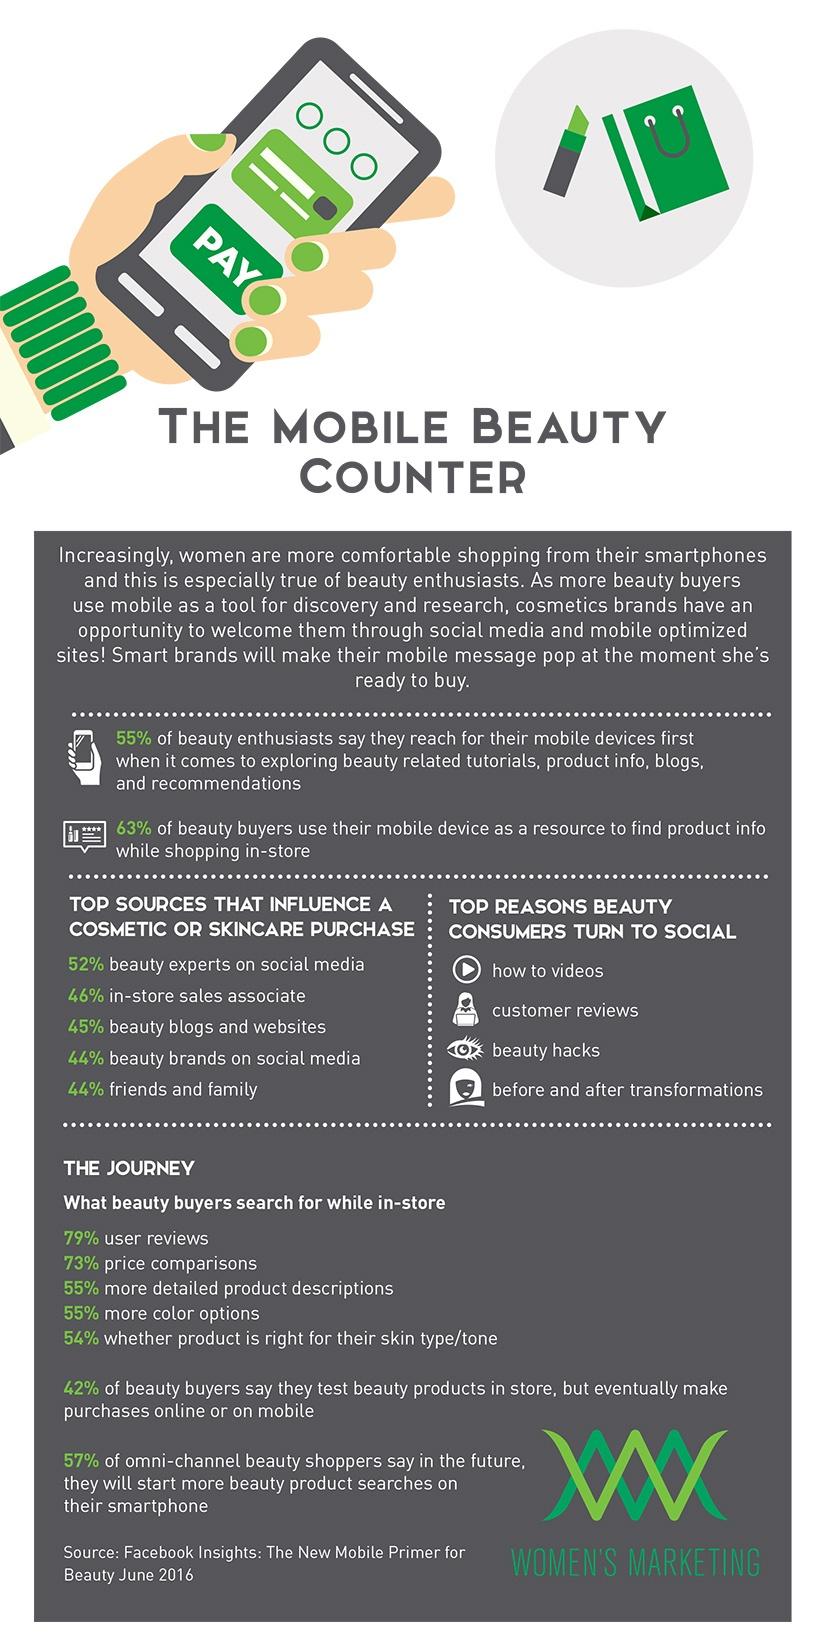 MobileBeautyCounter_Infographic.jpg